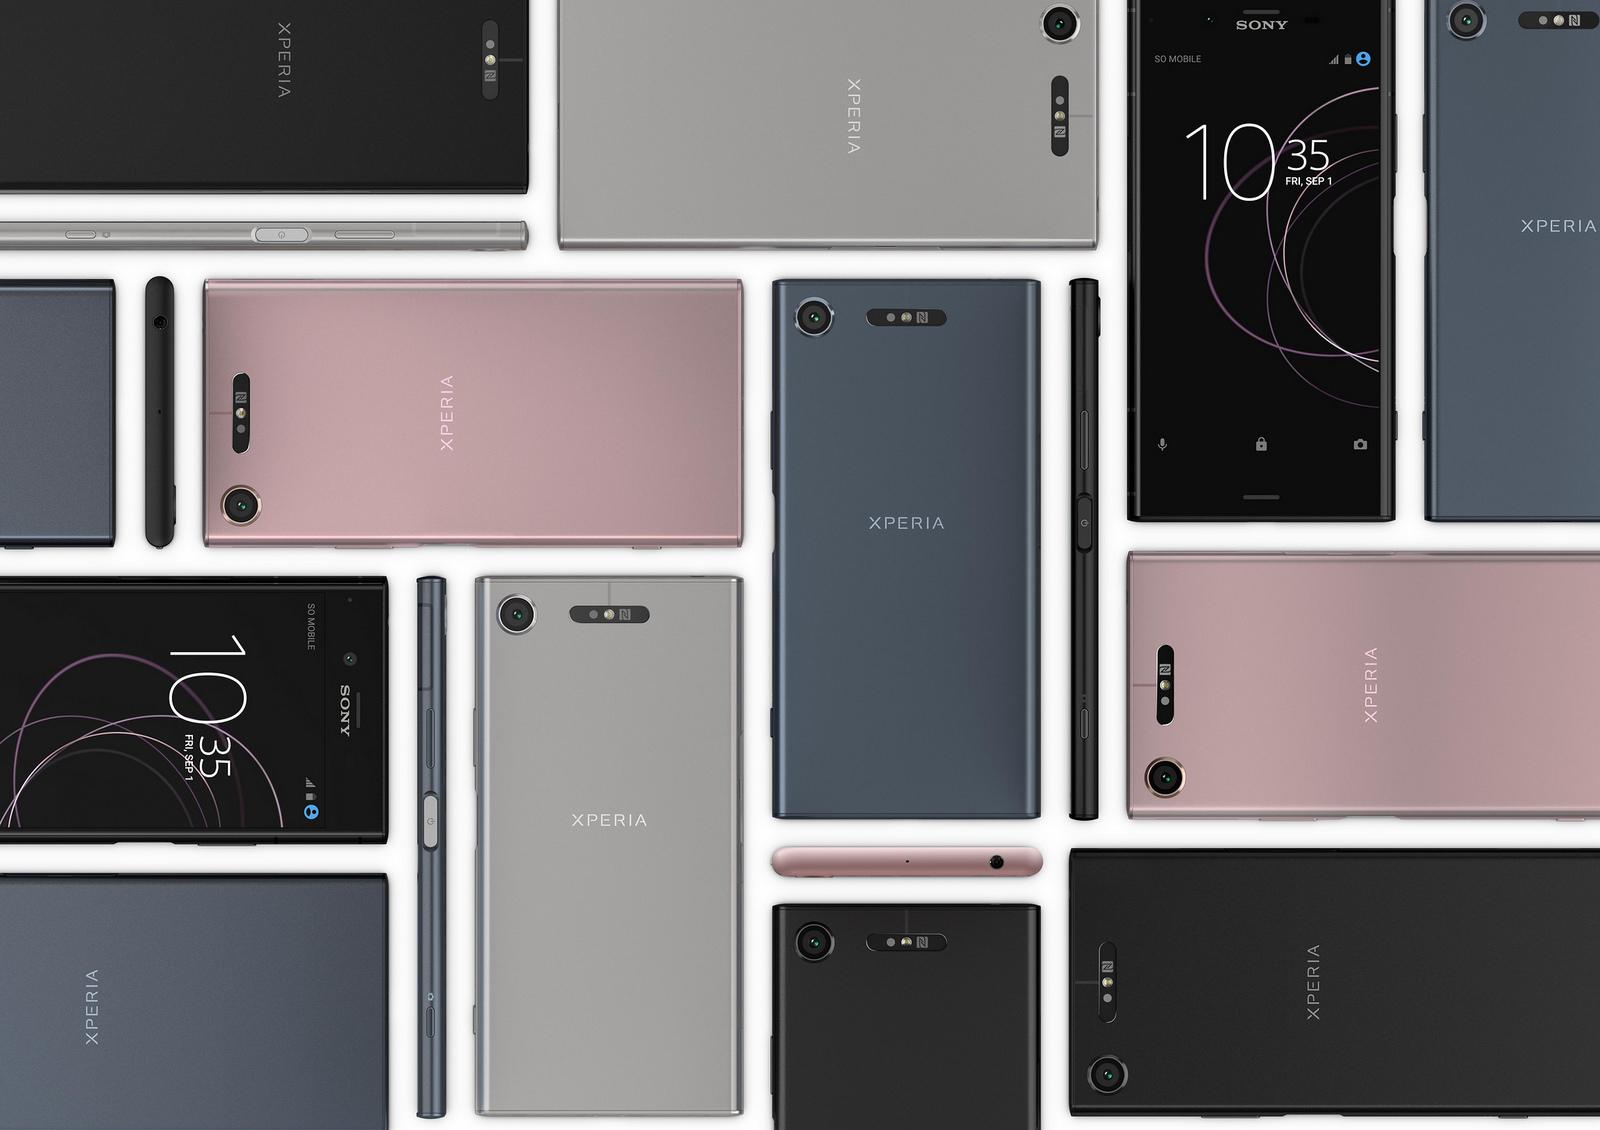 Sony announces three new Xperia phones at IFA 2017, the XZ1, XZ1